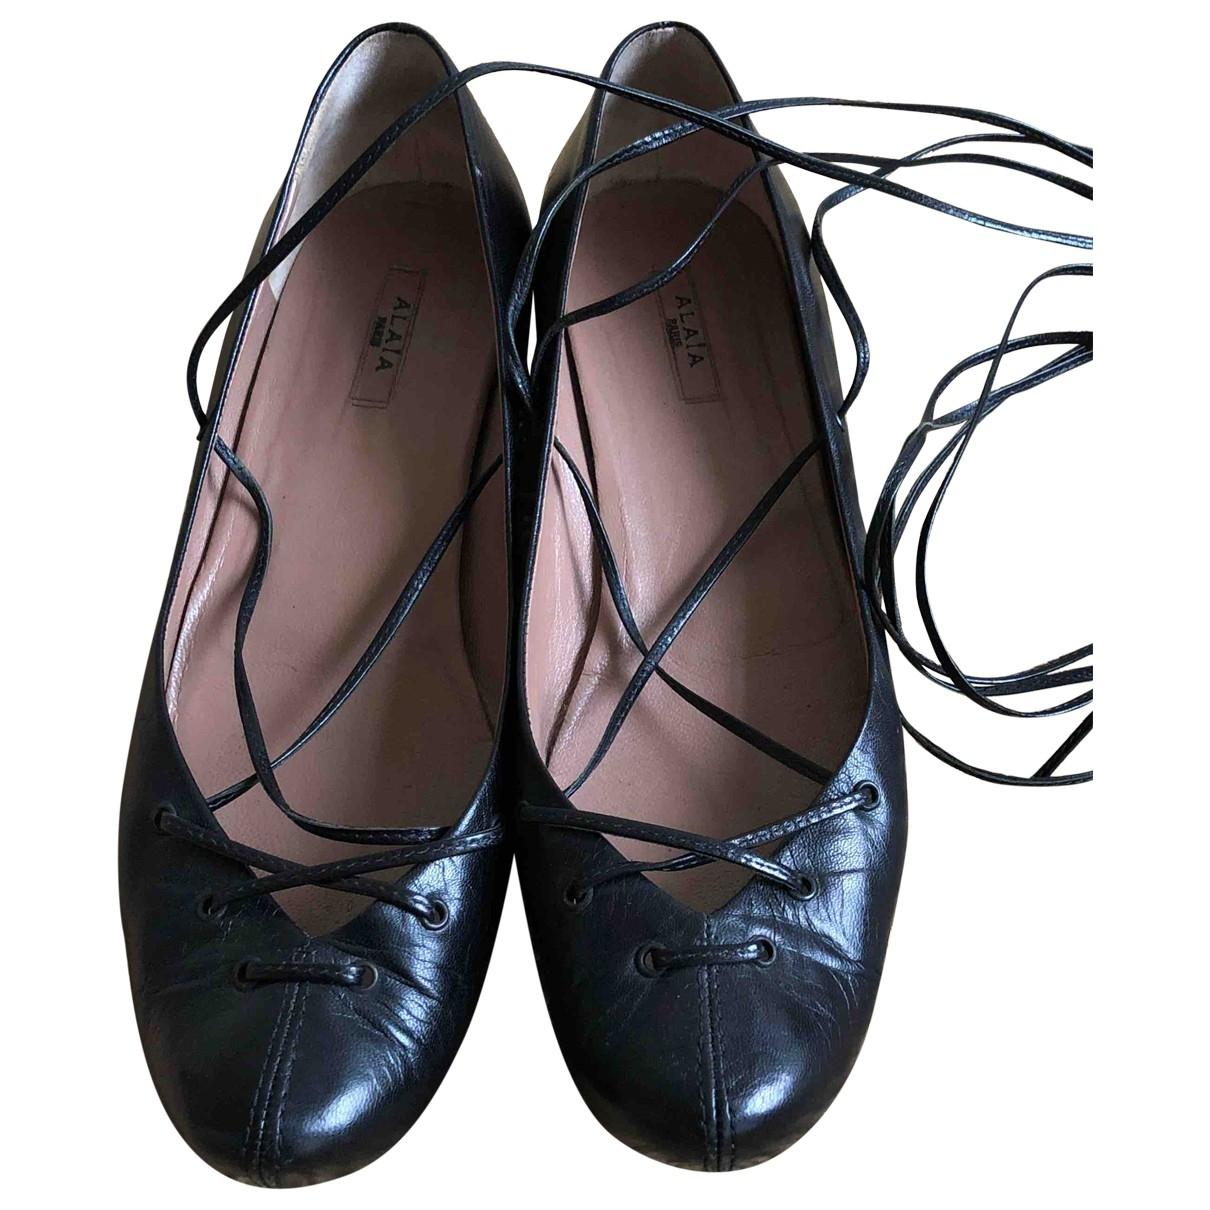 Bailarinas de Cuero Alaia